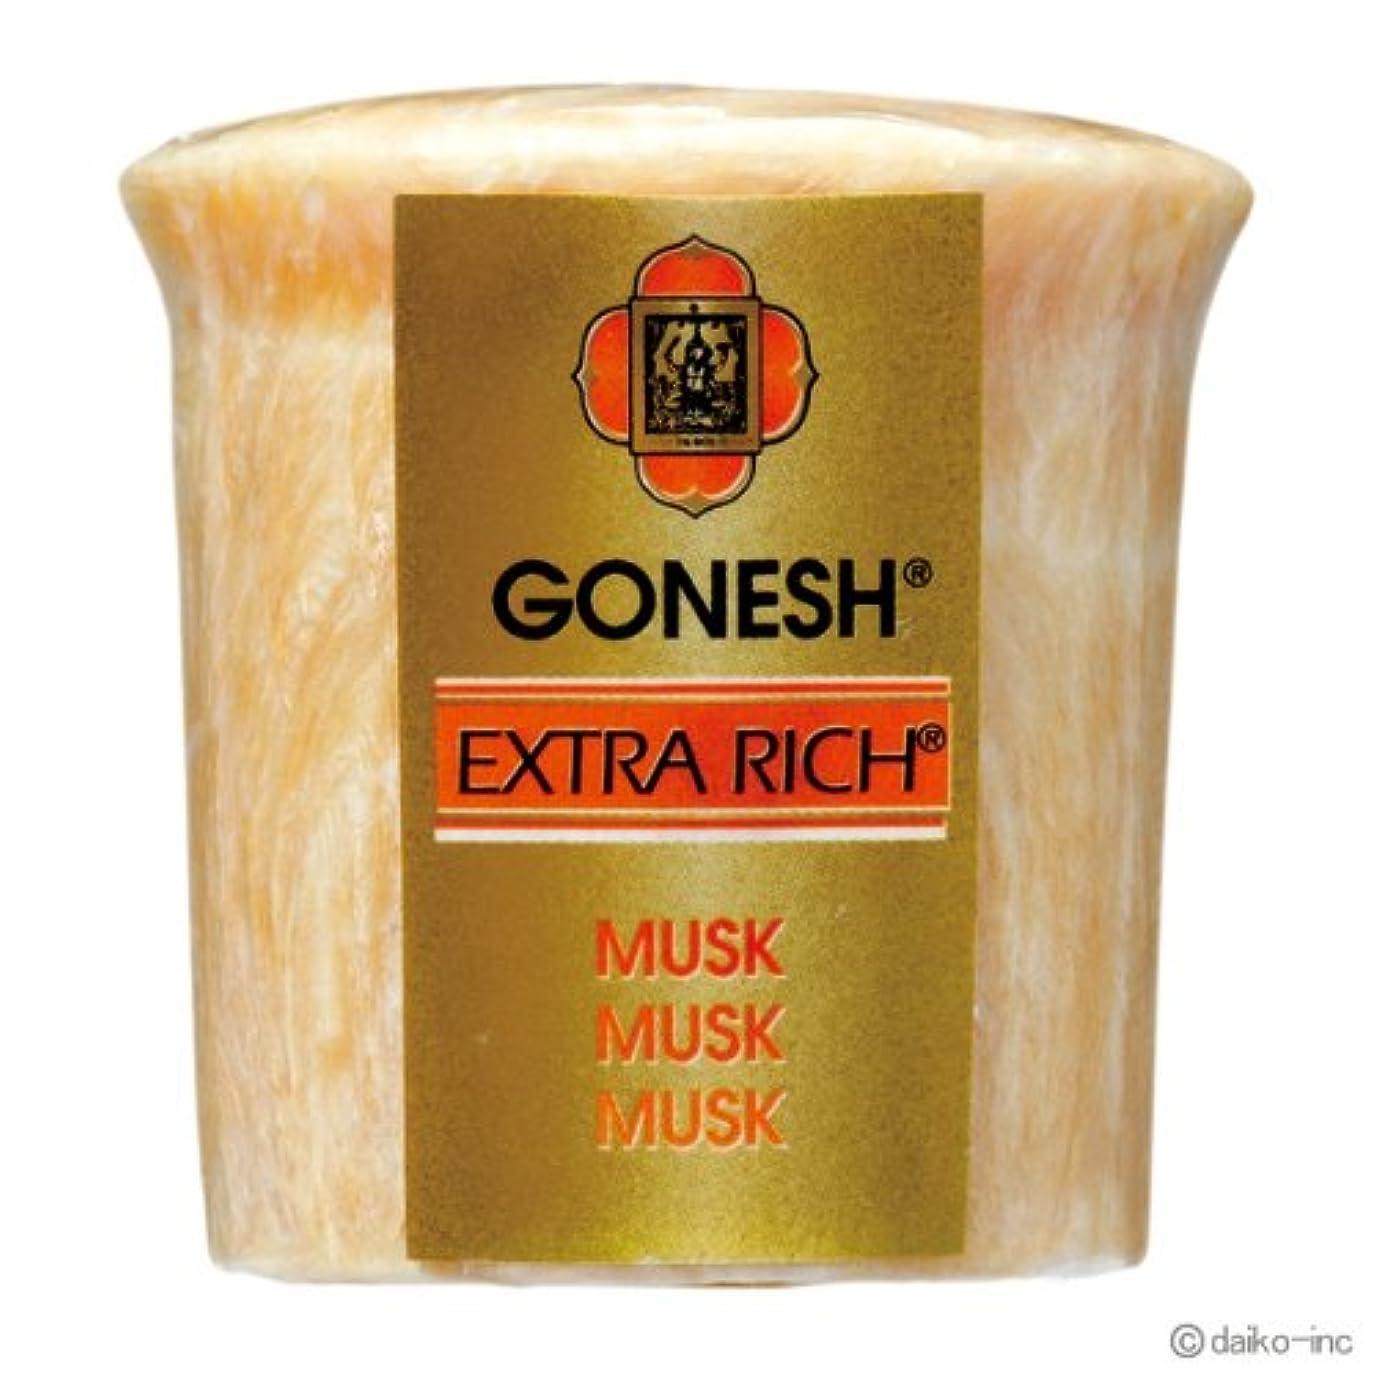 願望ホテルピンクガーネッシュ GONESH エクストラリッチ ムスク アロマキャンドル 10個セット